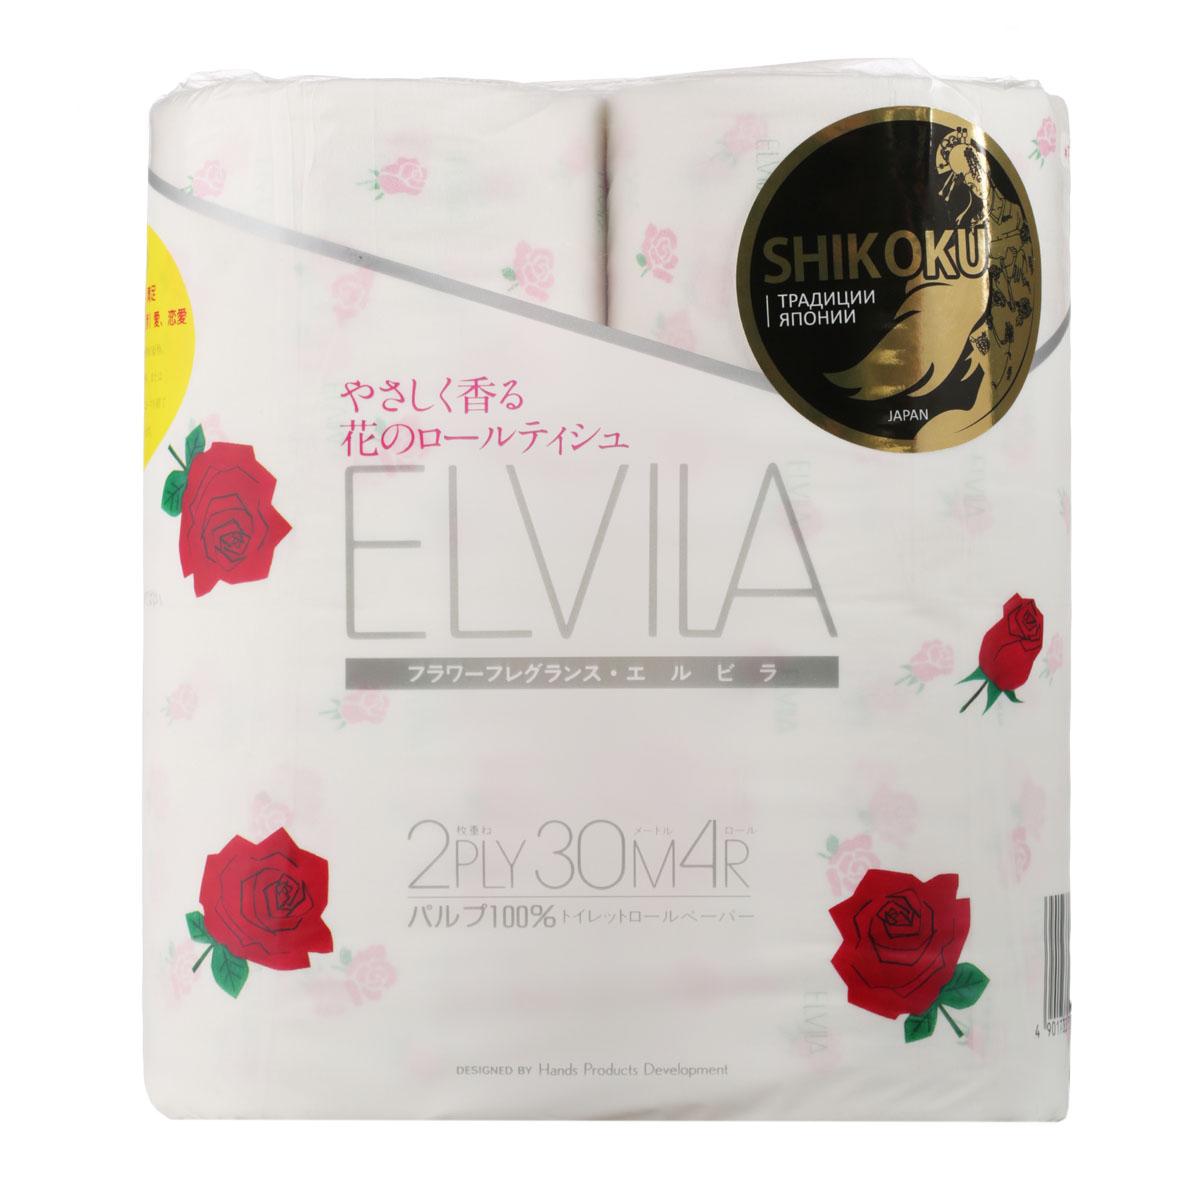 Парфюмированная туалетная бумага Shikoku Elvila, 2-х слойная, 4 рулона10076Туалетная бумага Shikoku серии «Elvila» представлена изысканным ароматом розы. По сравнению с синтетическим запахом обычной ароматизированной бумаги, ароматы Shikoku Tokushi – природные, изысканные и утонченные. / Также при производстве бумаги используется 100% целлюлоза, которая прошла тщательный отбор и особую обработку, а многолетний опыт сотрудников копании гарантирует высокое качество туалетной бумаги Shikoku Tokushi. / Туалетная бумага Серии «Elvila» мгновенно впитывает даже большое количество воды, поскольку между слоями бумаги есть воздушное пространство, что позволяет сократить объемы используемой бумаги на треть, а глубокие линии тиснения обеспечивают надежное соединение слоев и прочность бумаги. / Туалетная бумага Shikoku изготовлена из природных материалов и воды из источников Ниёдогава. / Состав: натуральная 100% целлюлоза. / Срок годности не ограничен.